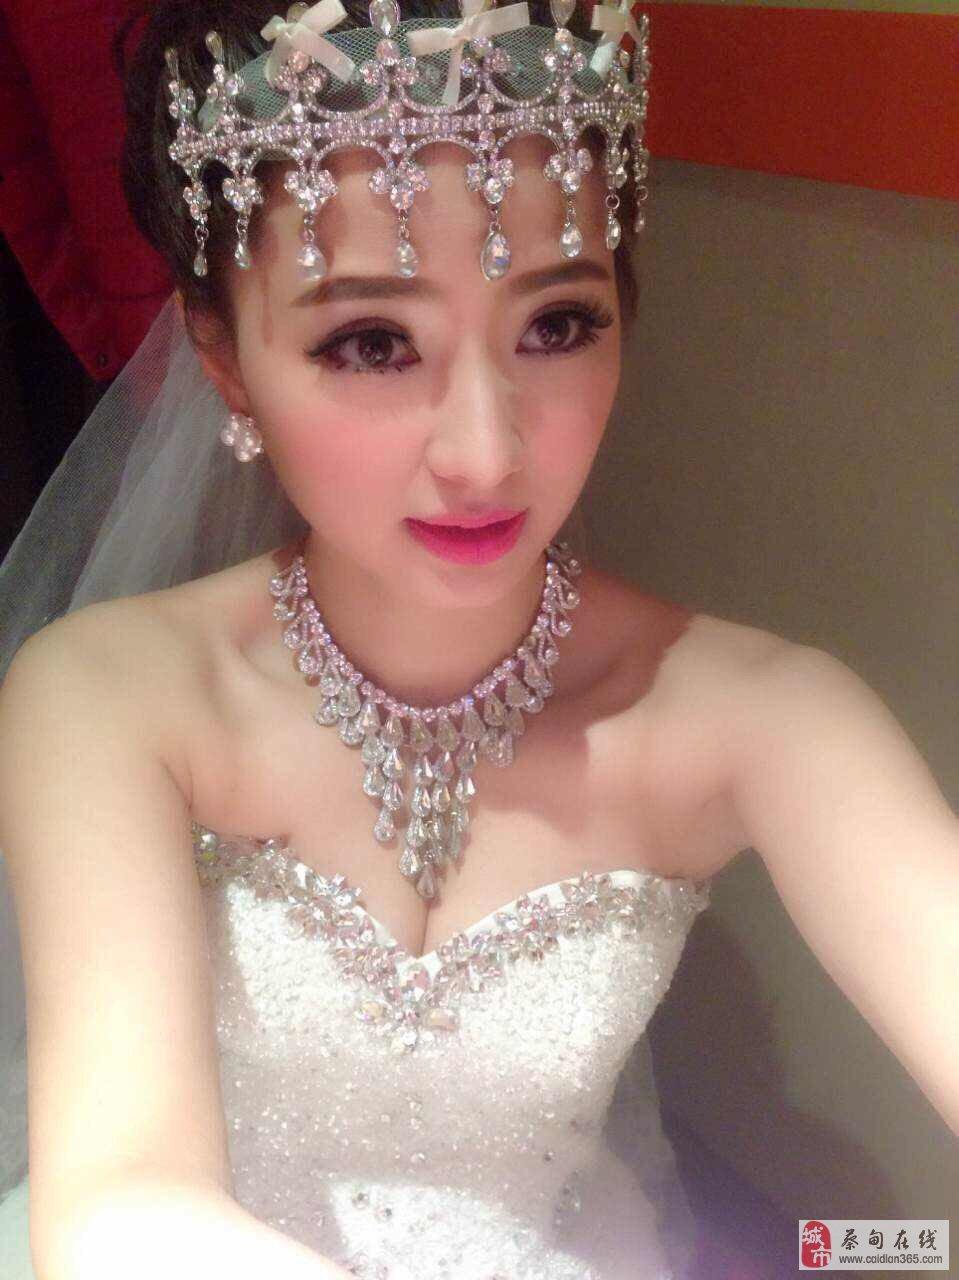 新娘跟妆,舞台妆,团体妆,晚宴妆,生活妆图片